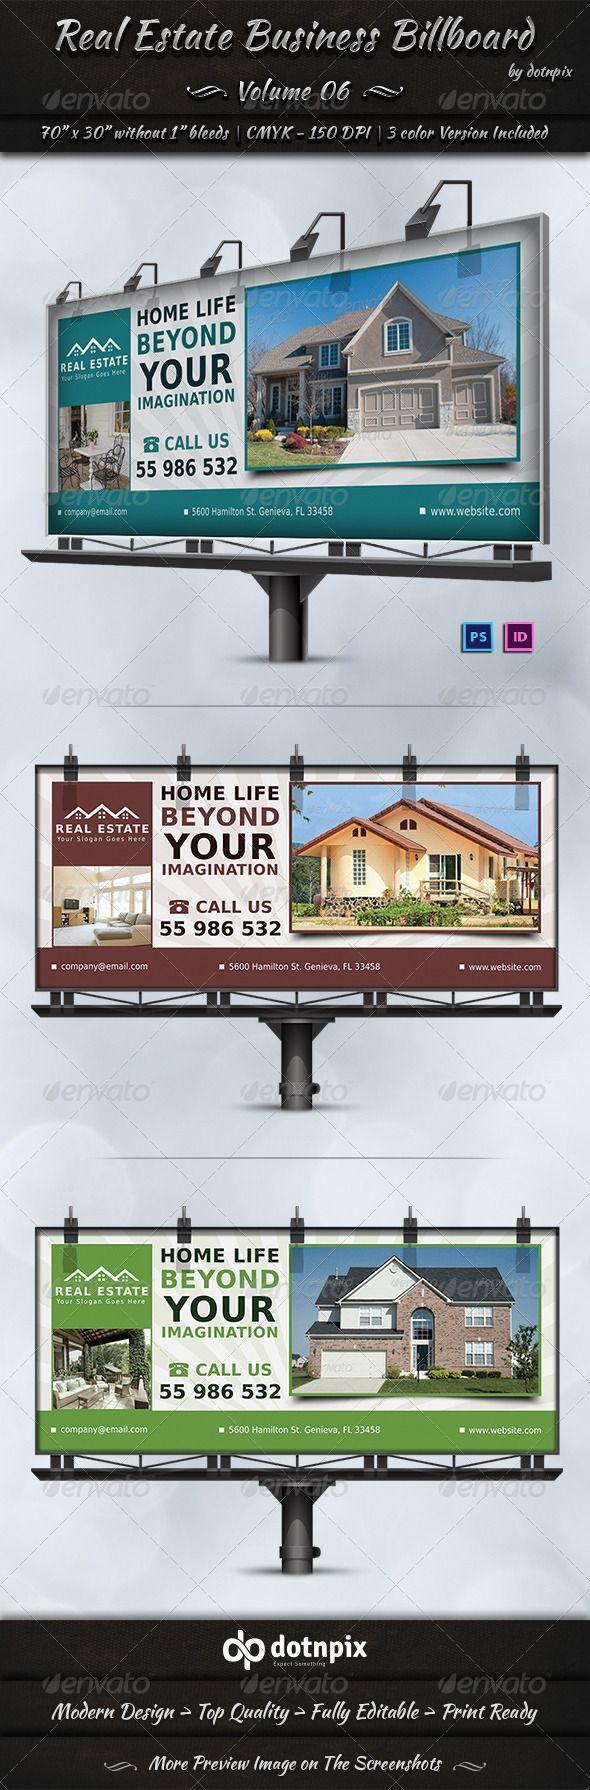 Real estate billboard design samples - Real estate business billboard template design ads download http graphicriver